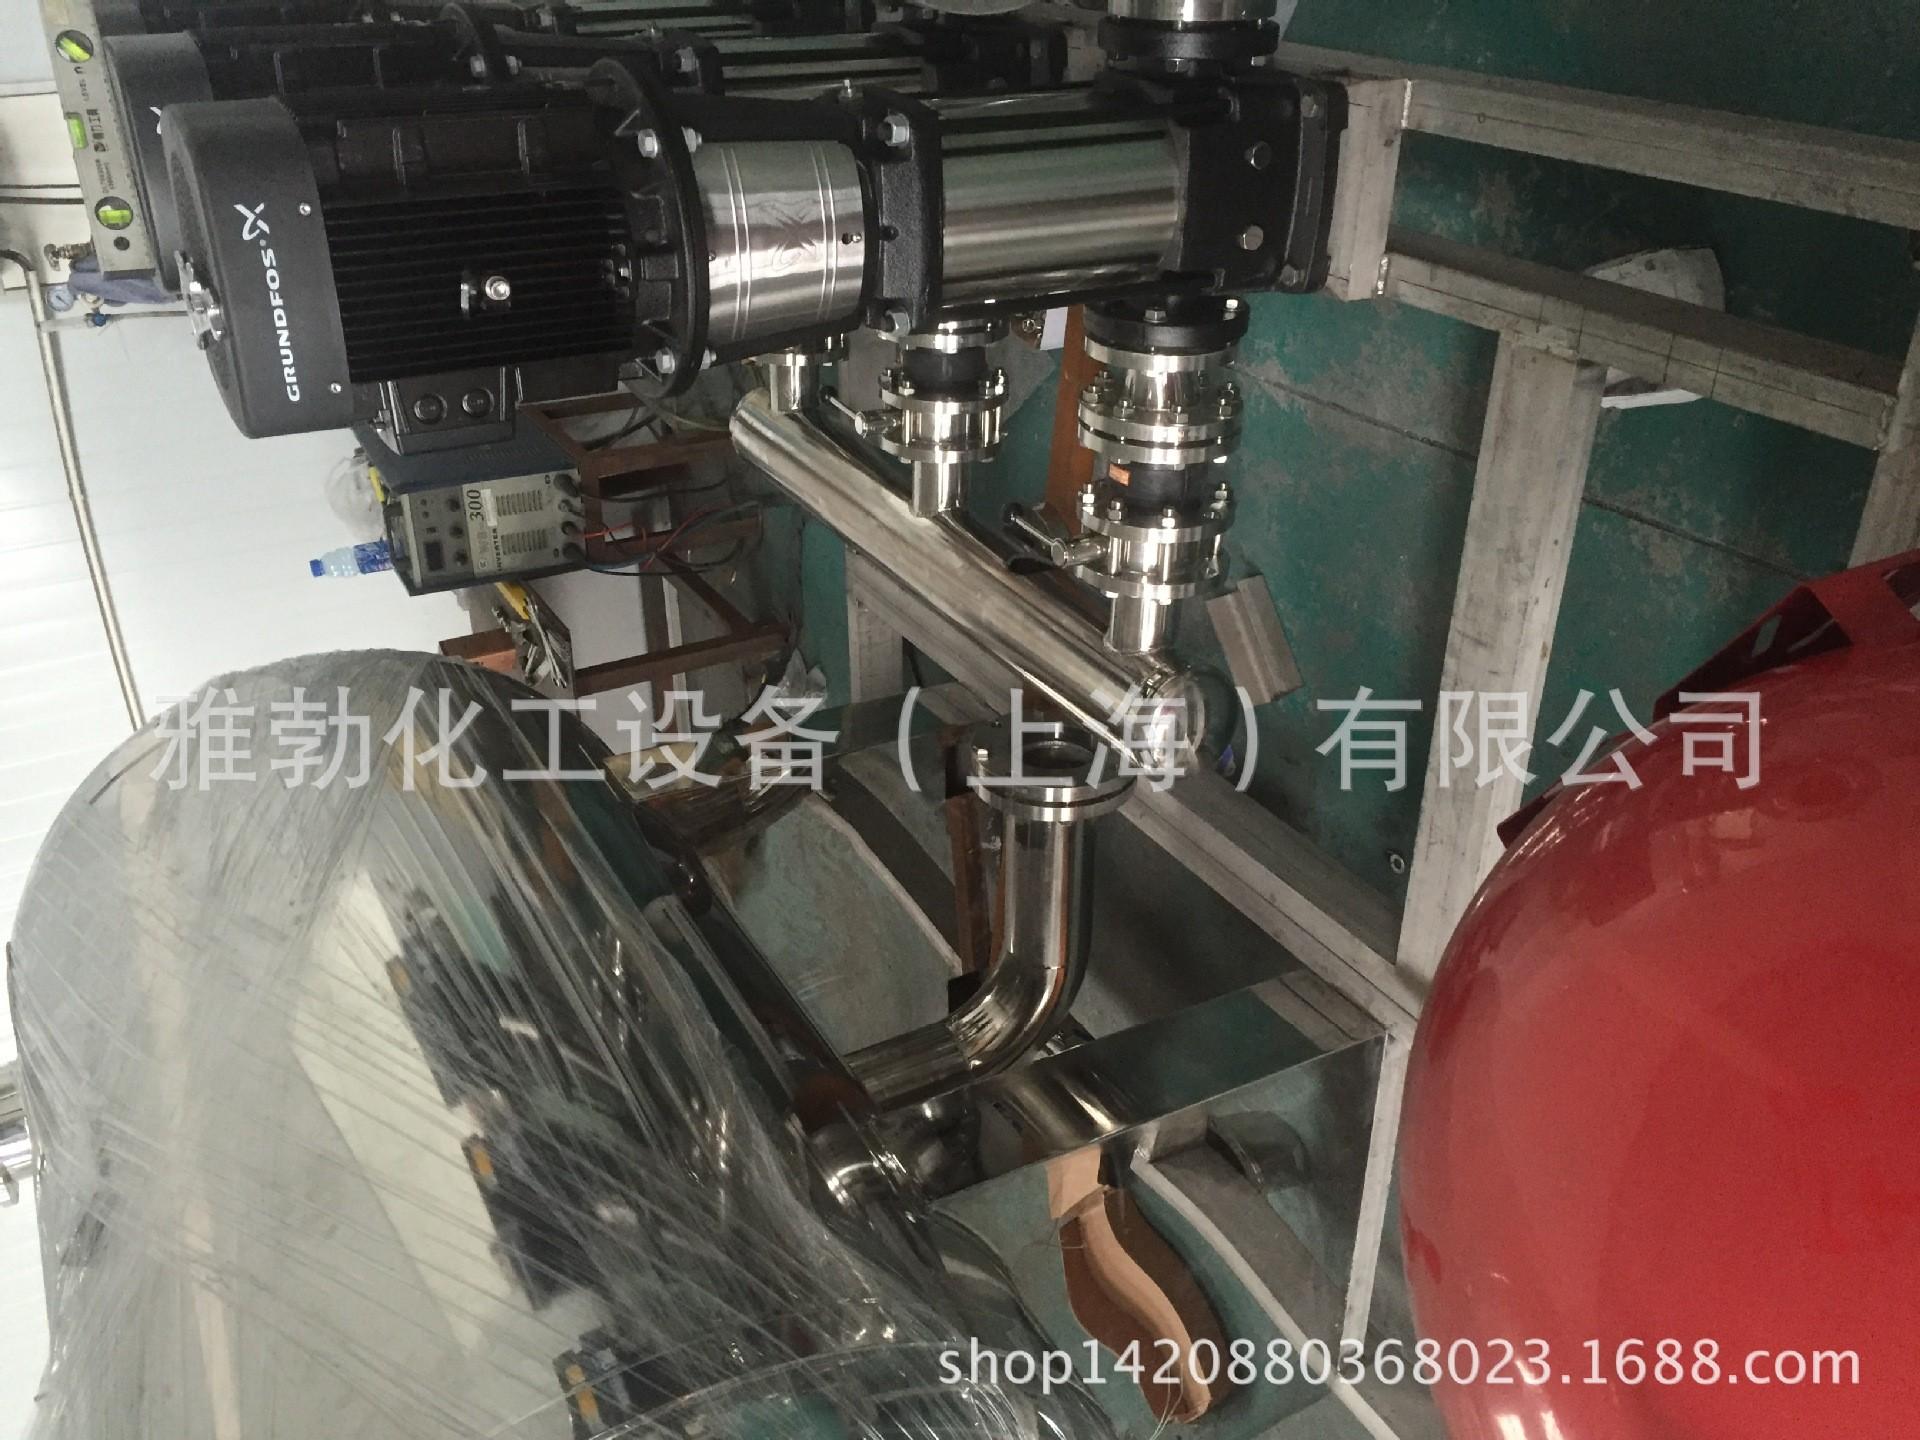 中崛无负压供水设备稳流恒压变频供水设备厂家 供水设备